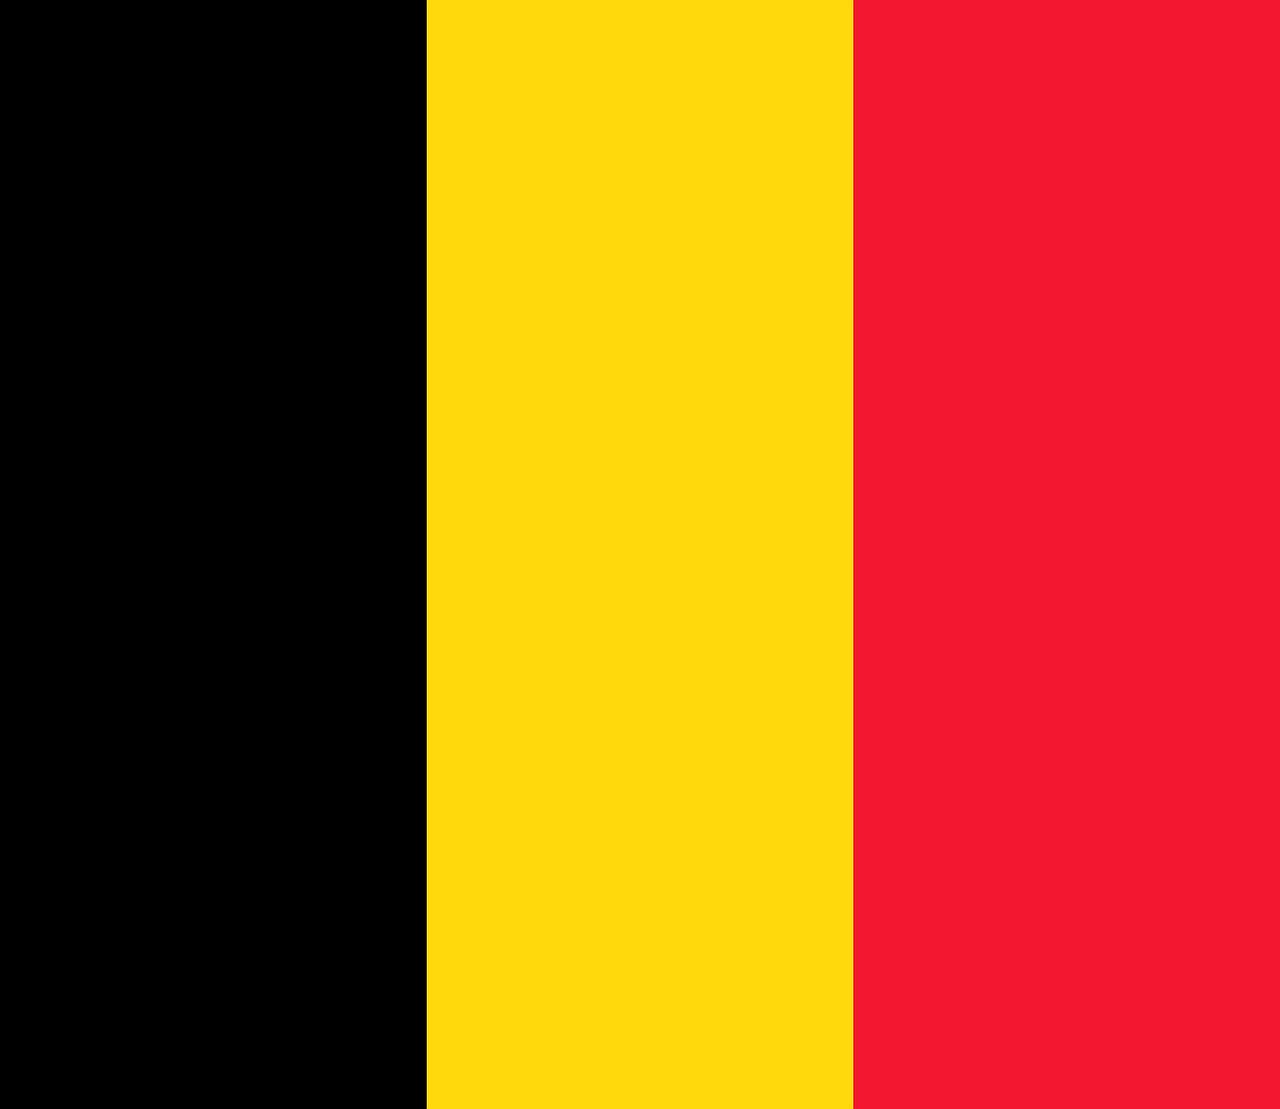 Debata o życie. Prawo do eutanazji dla nieletnich w Belgii. Cz. 2